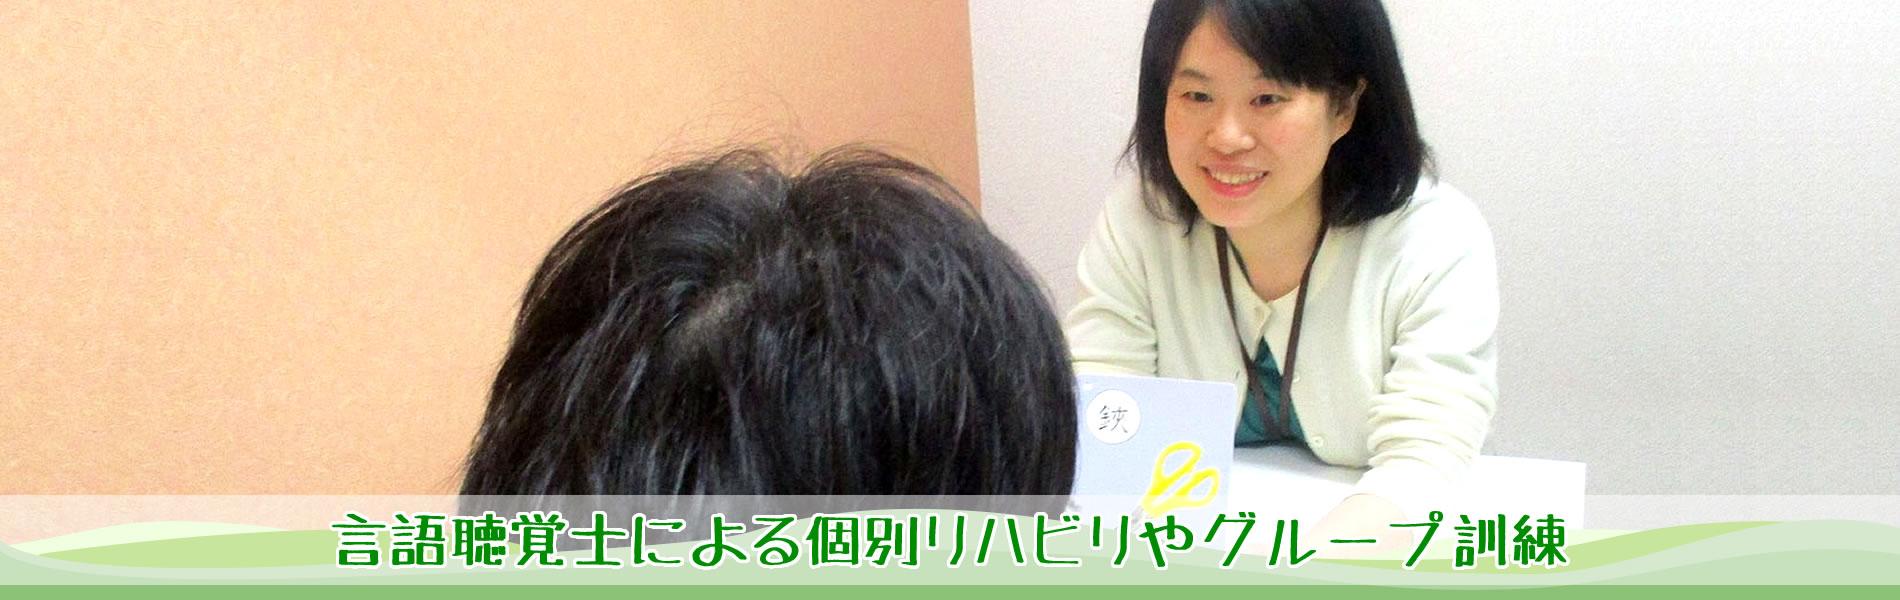 言語聴覚士による個別リハビリやグループ訓練